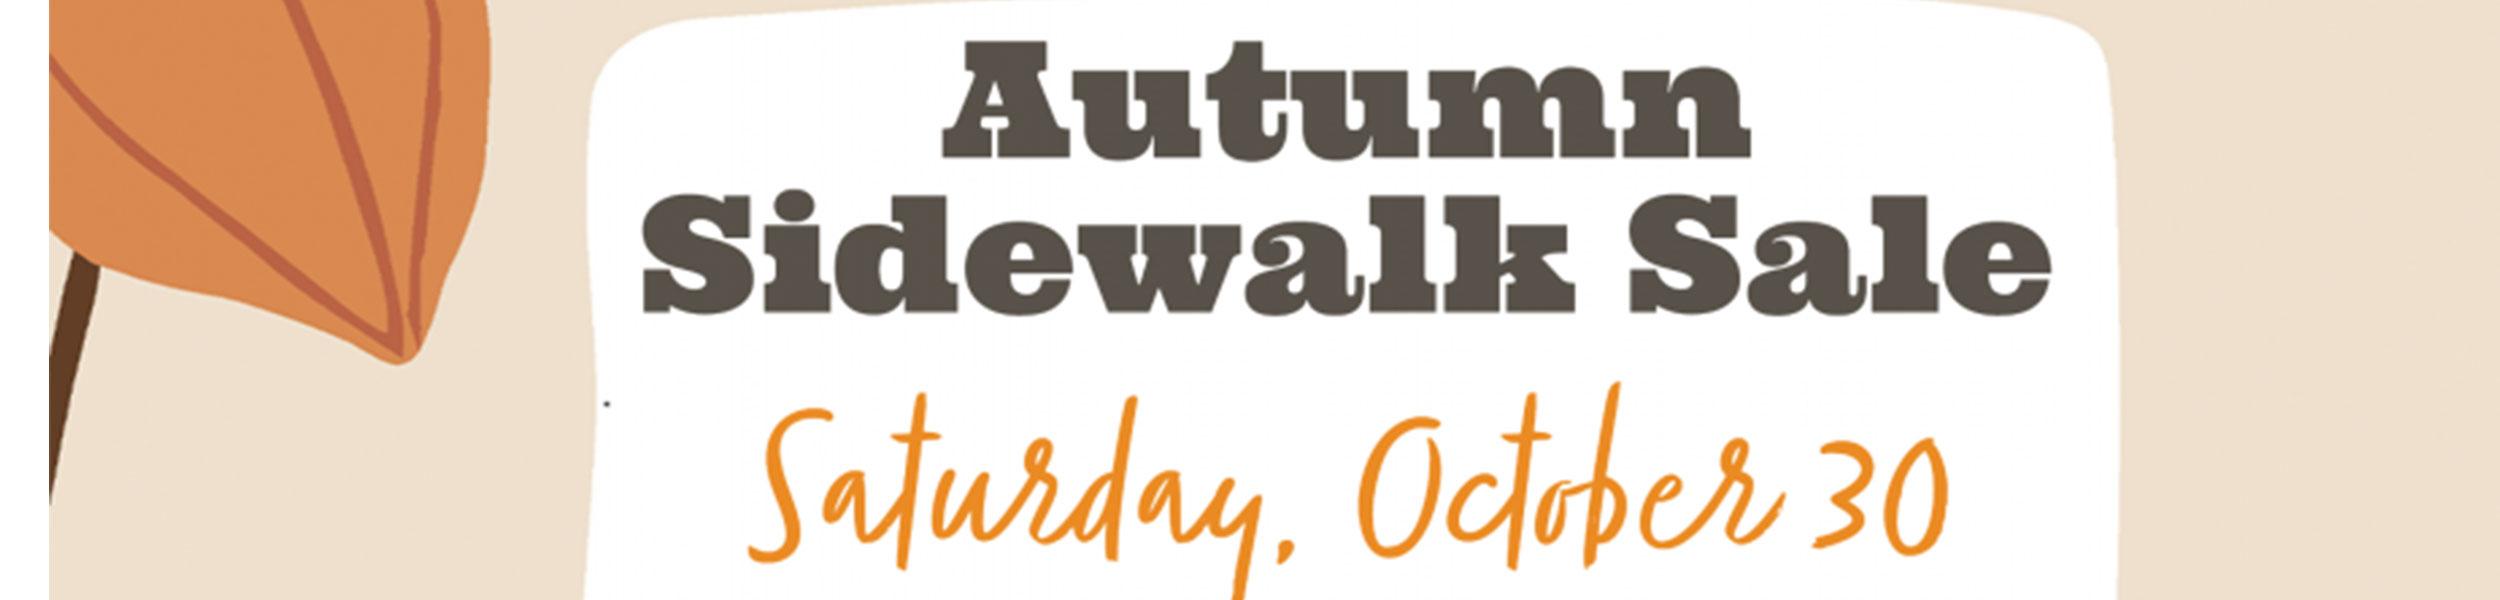 Autumn Sidewalk Sale